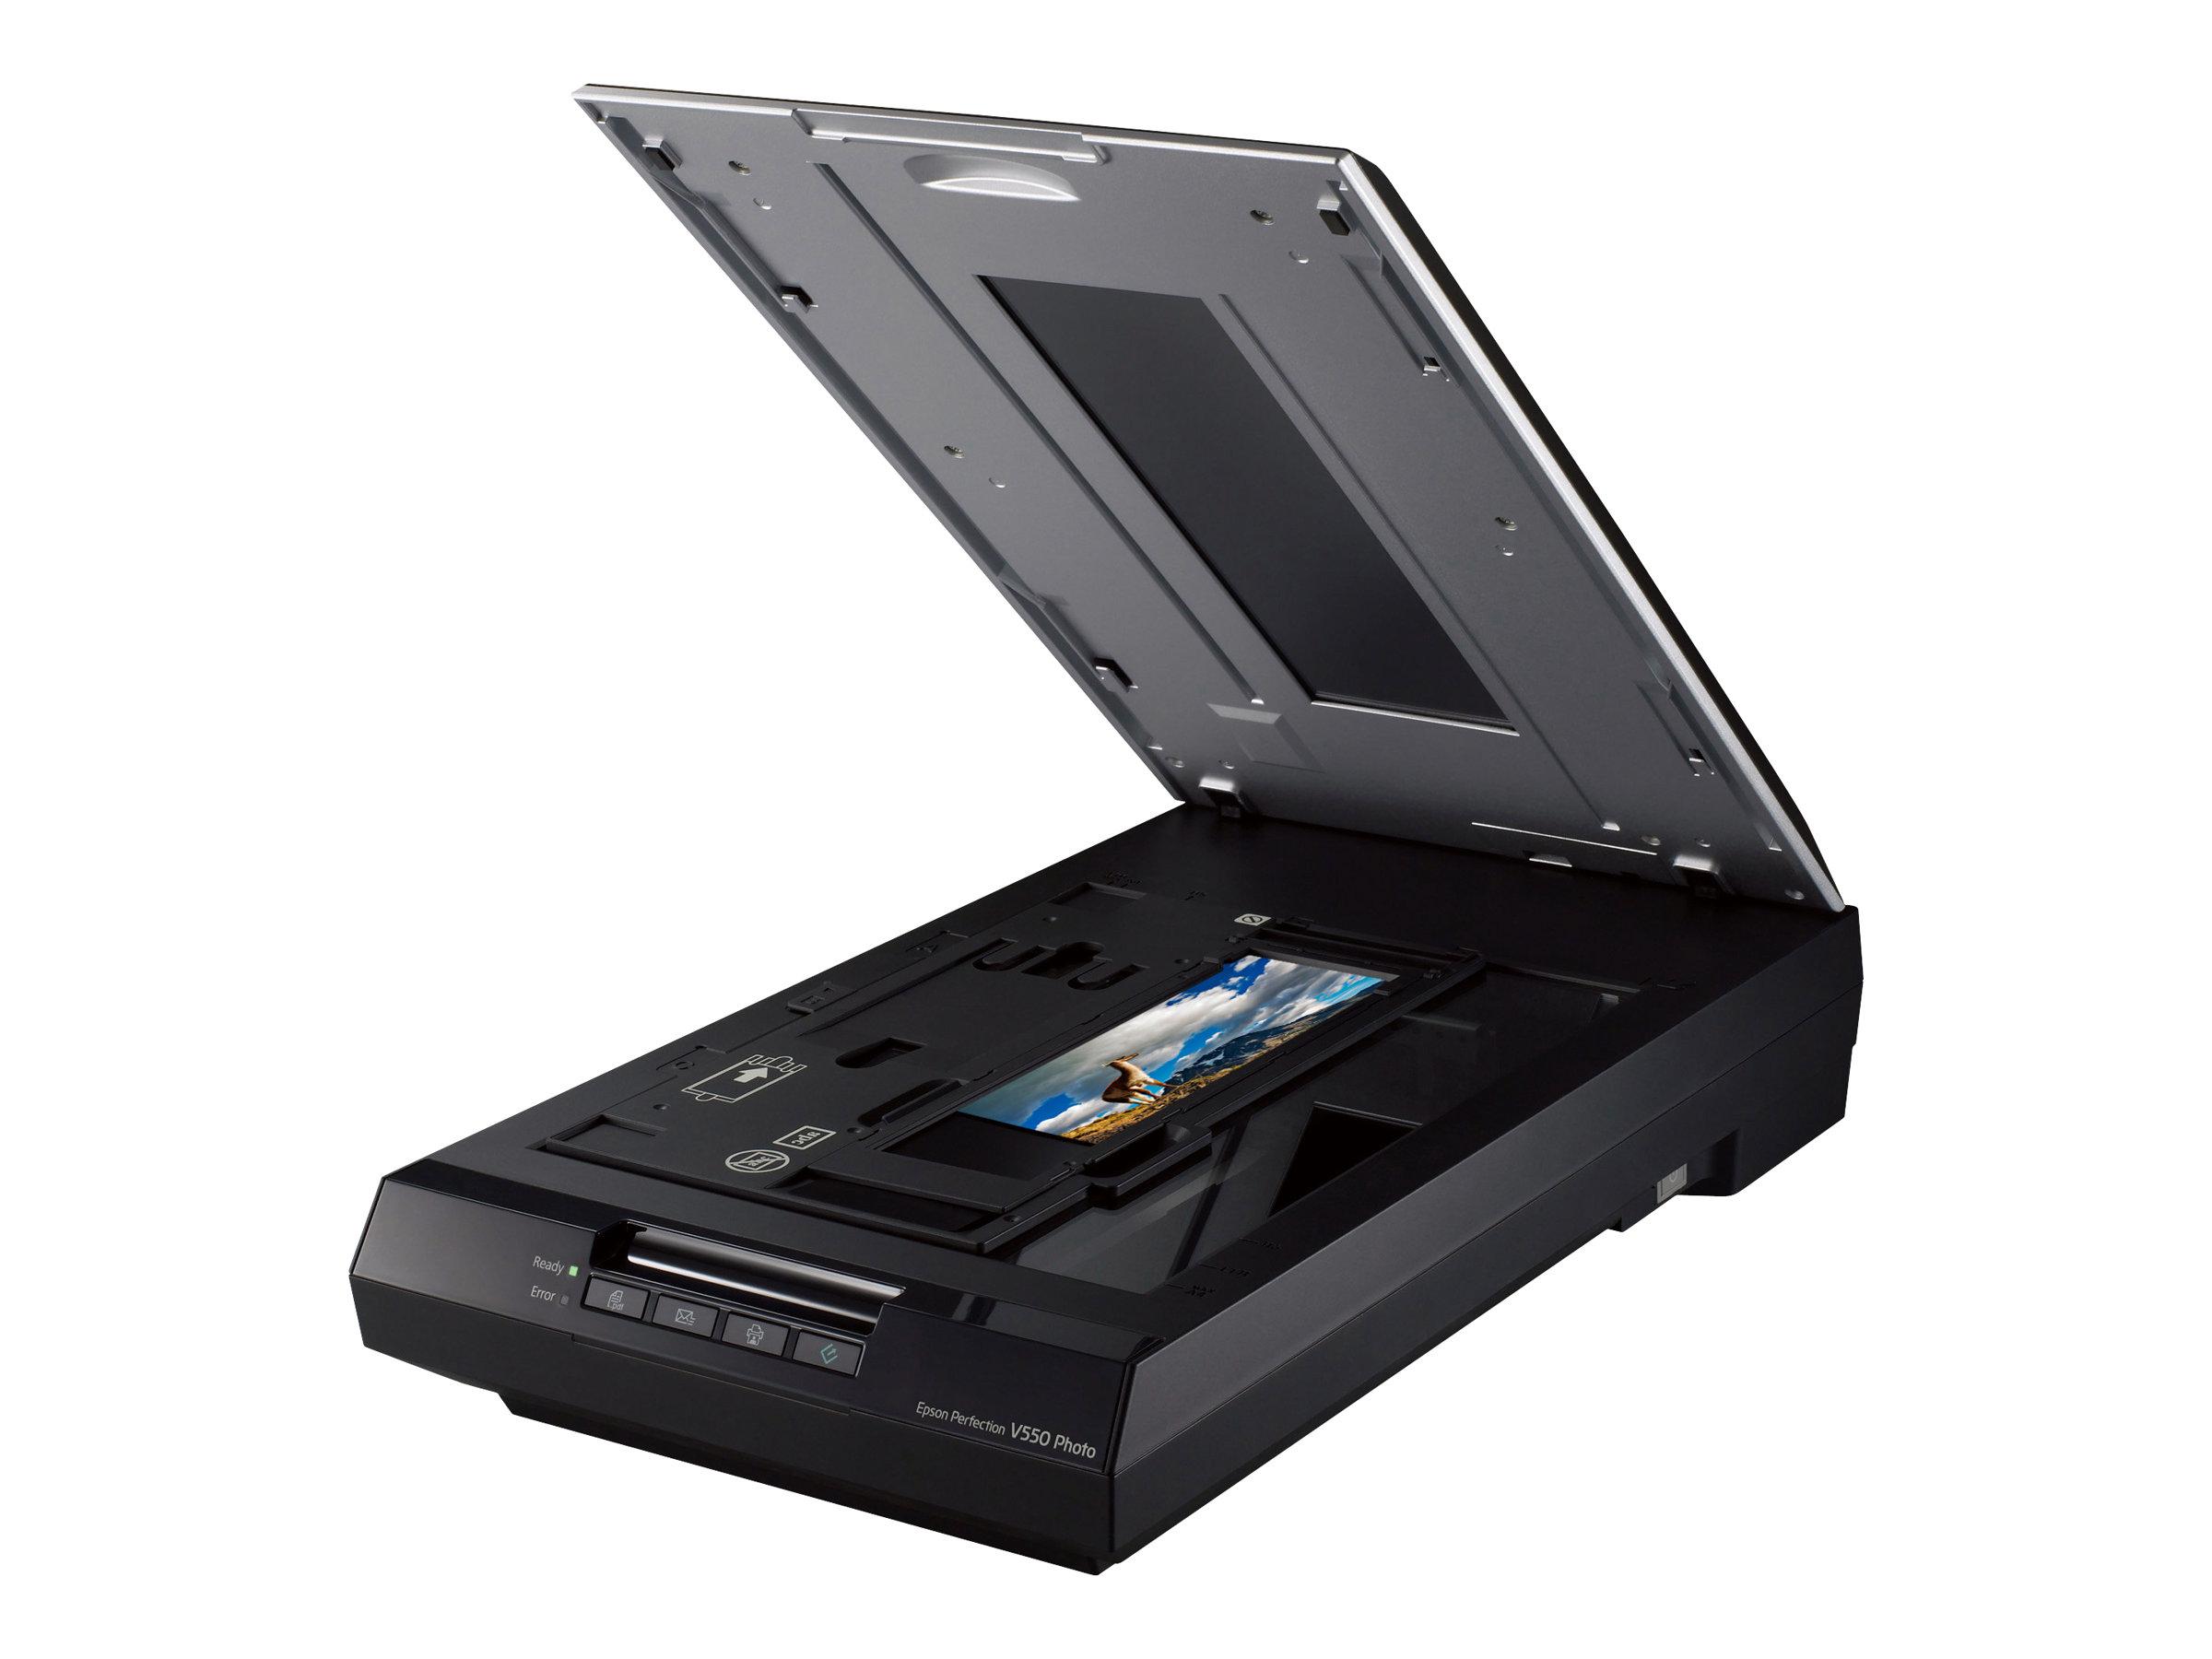 Epson Perfection V550 Photo - Flachbettscanner - A4 - 6400 dpi x 9600 dpi - USB 2.0